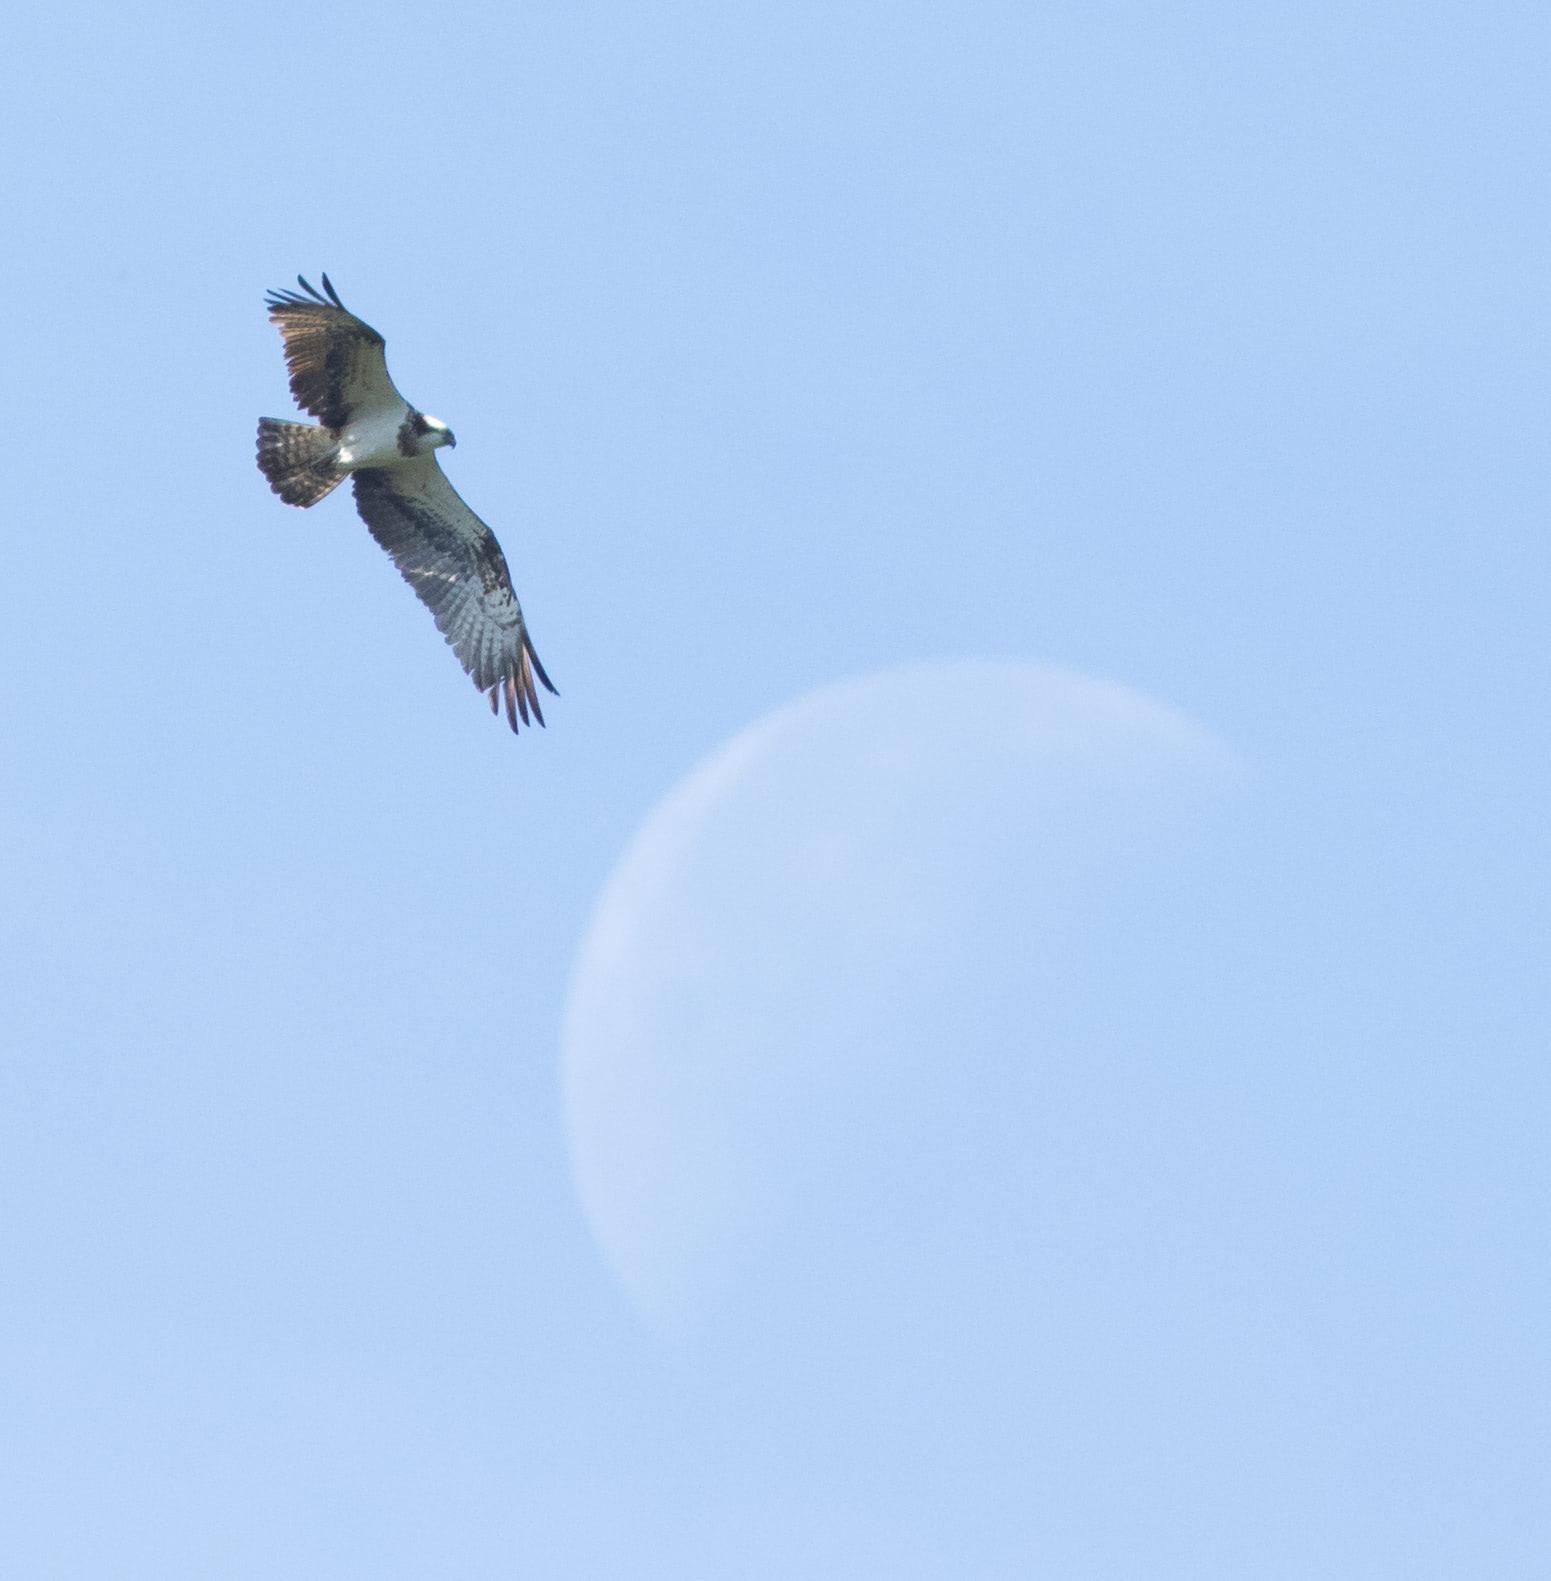 Osprey reaching lunar heights. Photo by Diego Jansen.